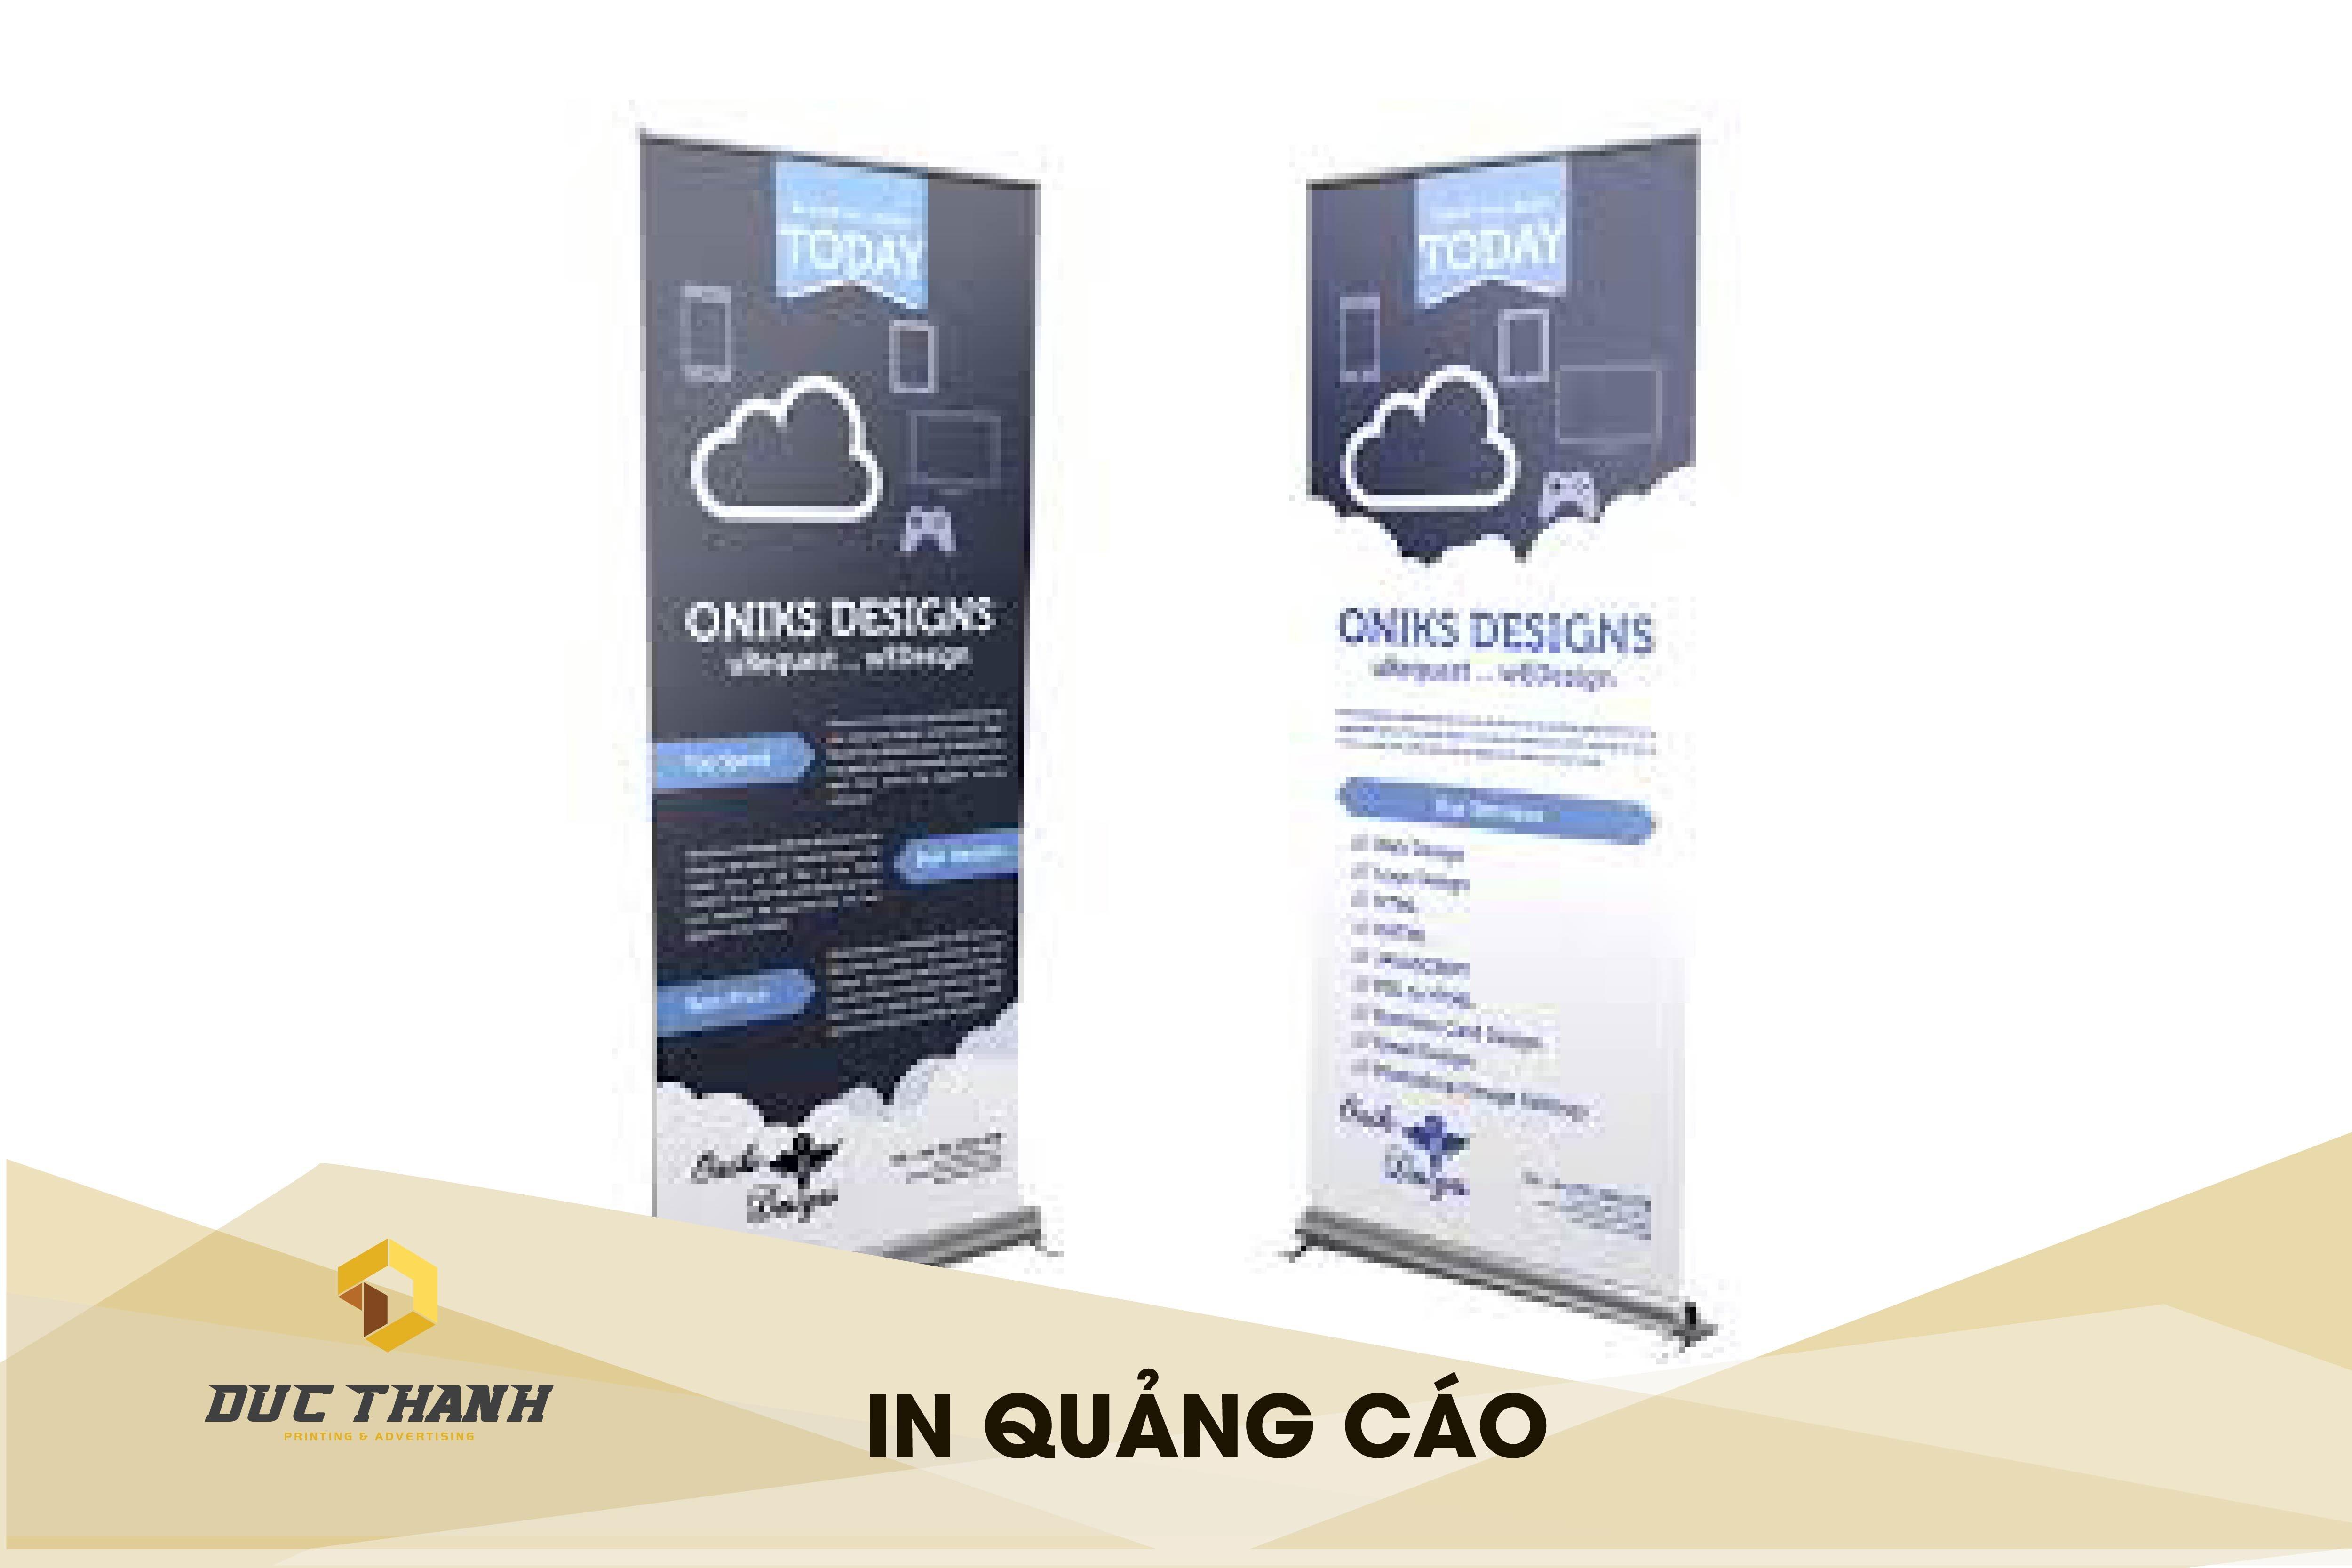 IN-bien-QUANG-CAO-1